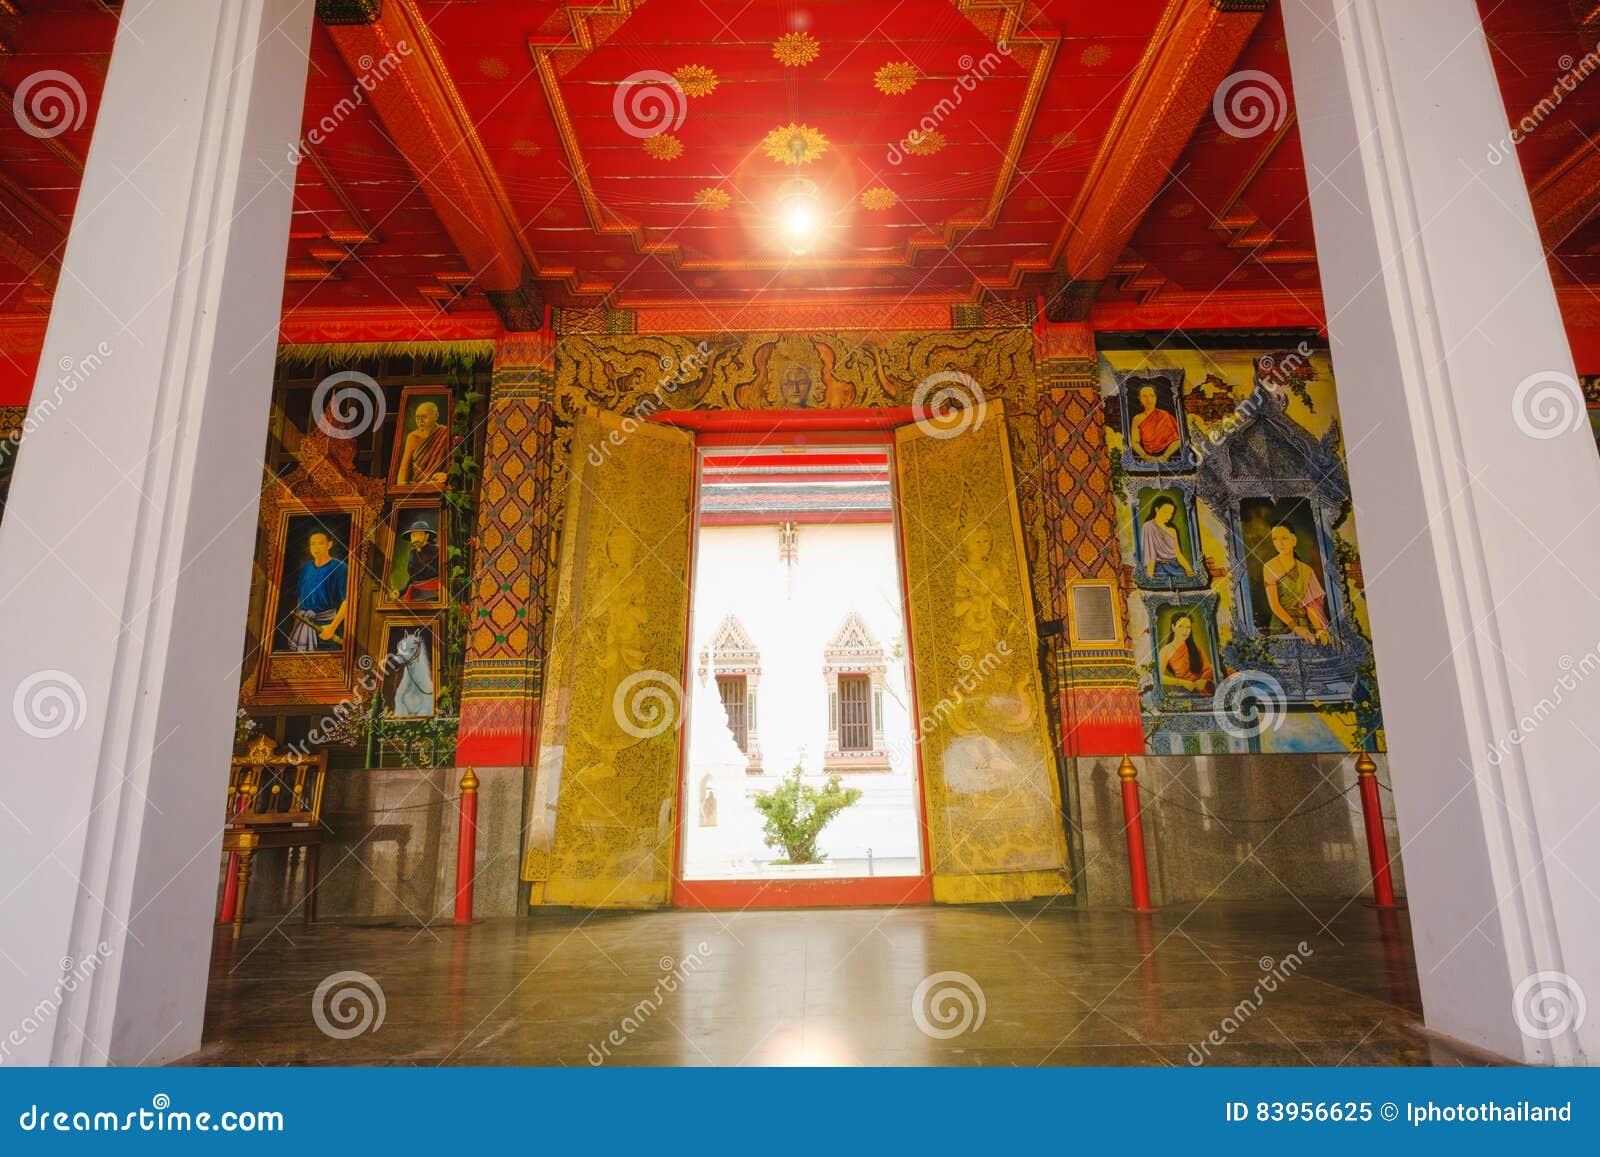 Editorial Stock Photo & Beautiful Thai Door Murals Art Architecture Of Main Ordination ... Pezcame.Com